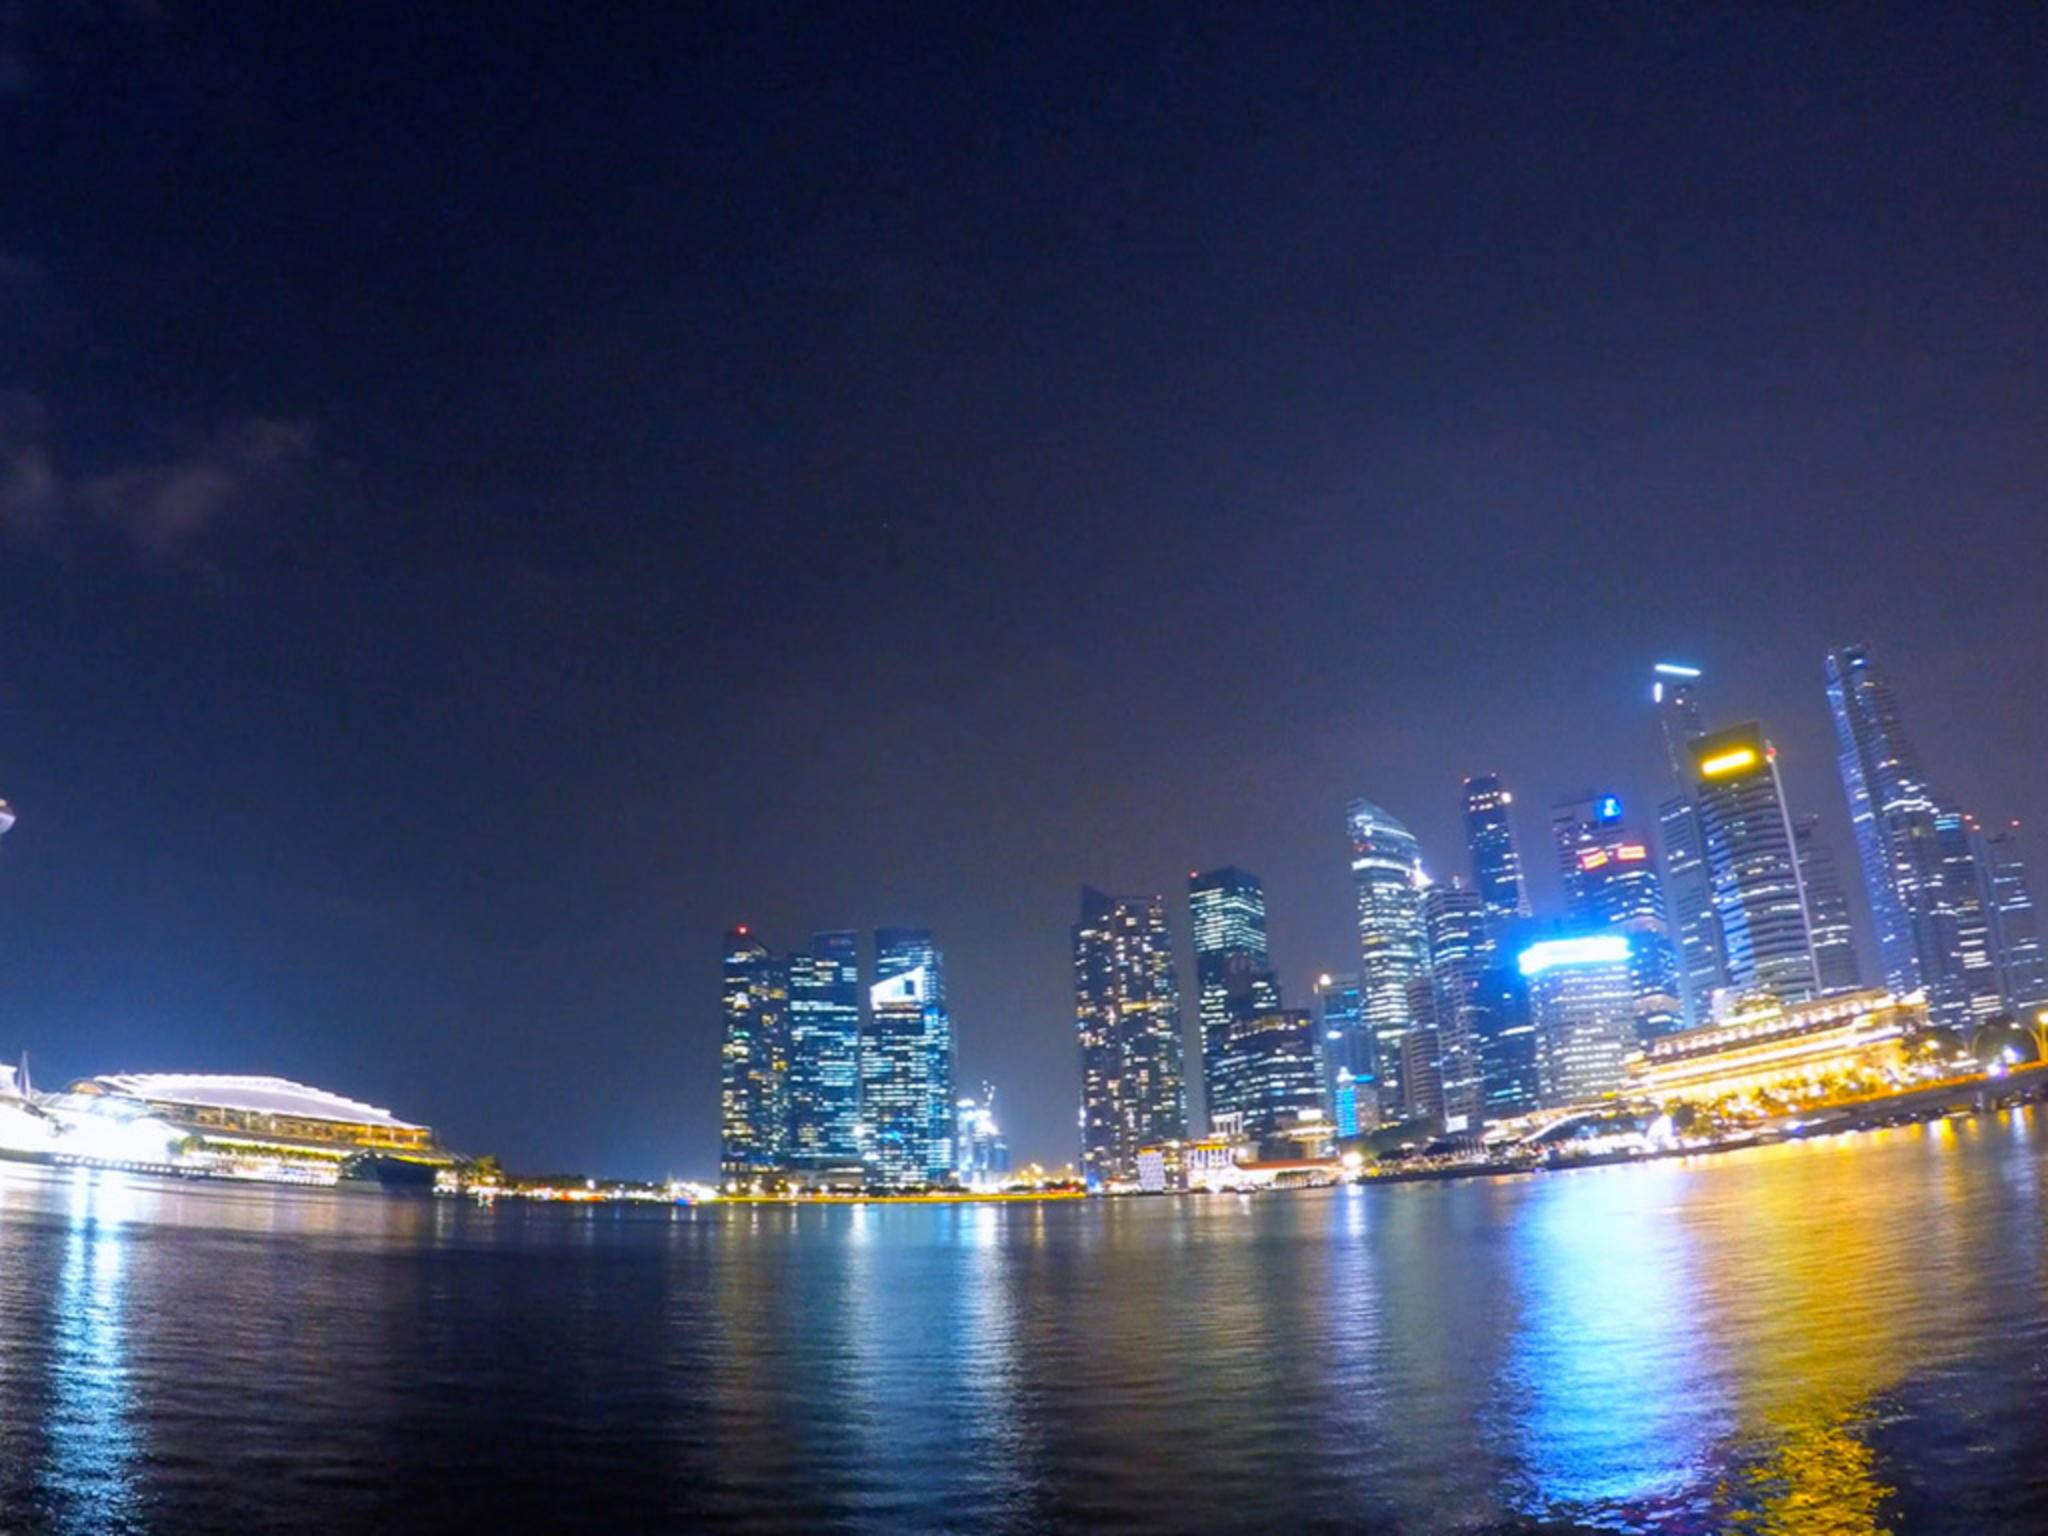 Mit ein paar Tricks gelingen mit der GoPro beeindruckende Nachtaufnahmen.